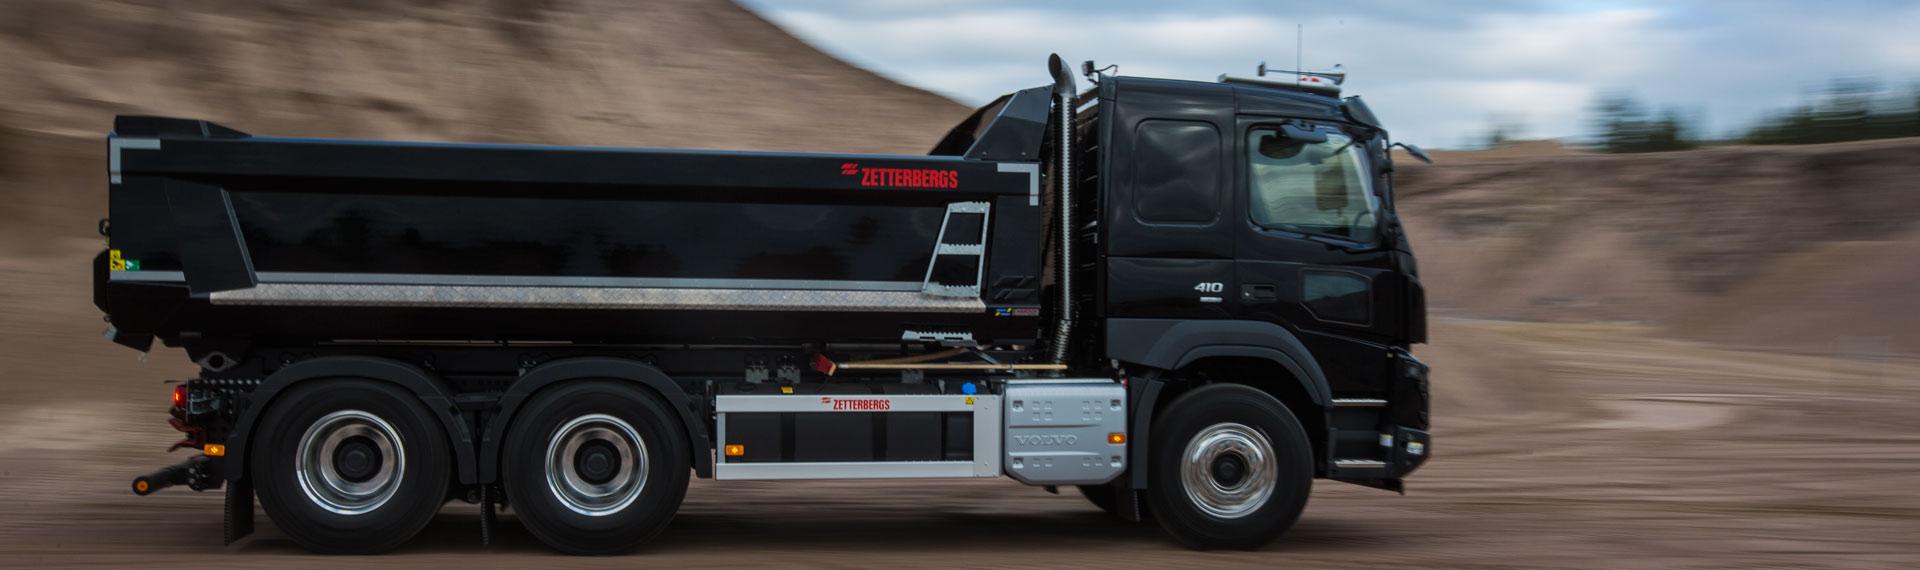 Camion ribaltabile in Hardox 500 Tuf con pannello laterale conico